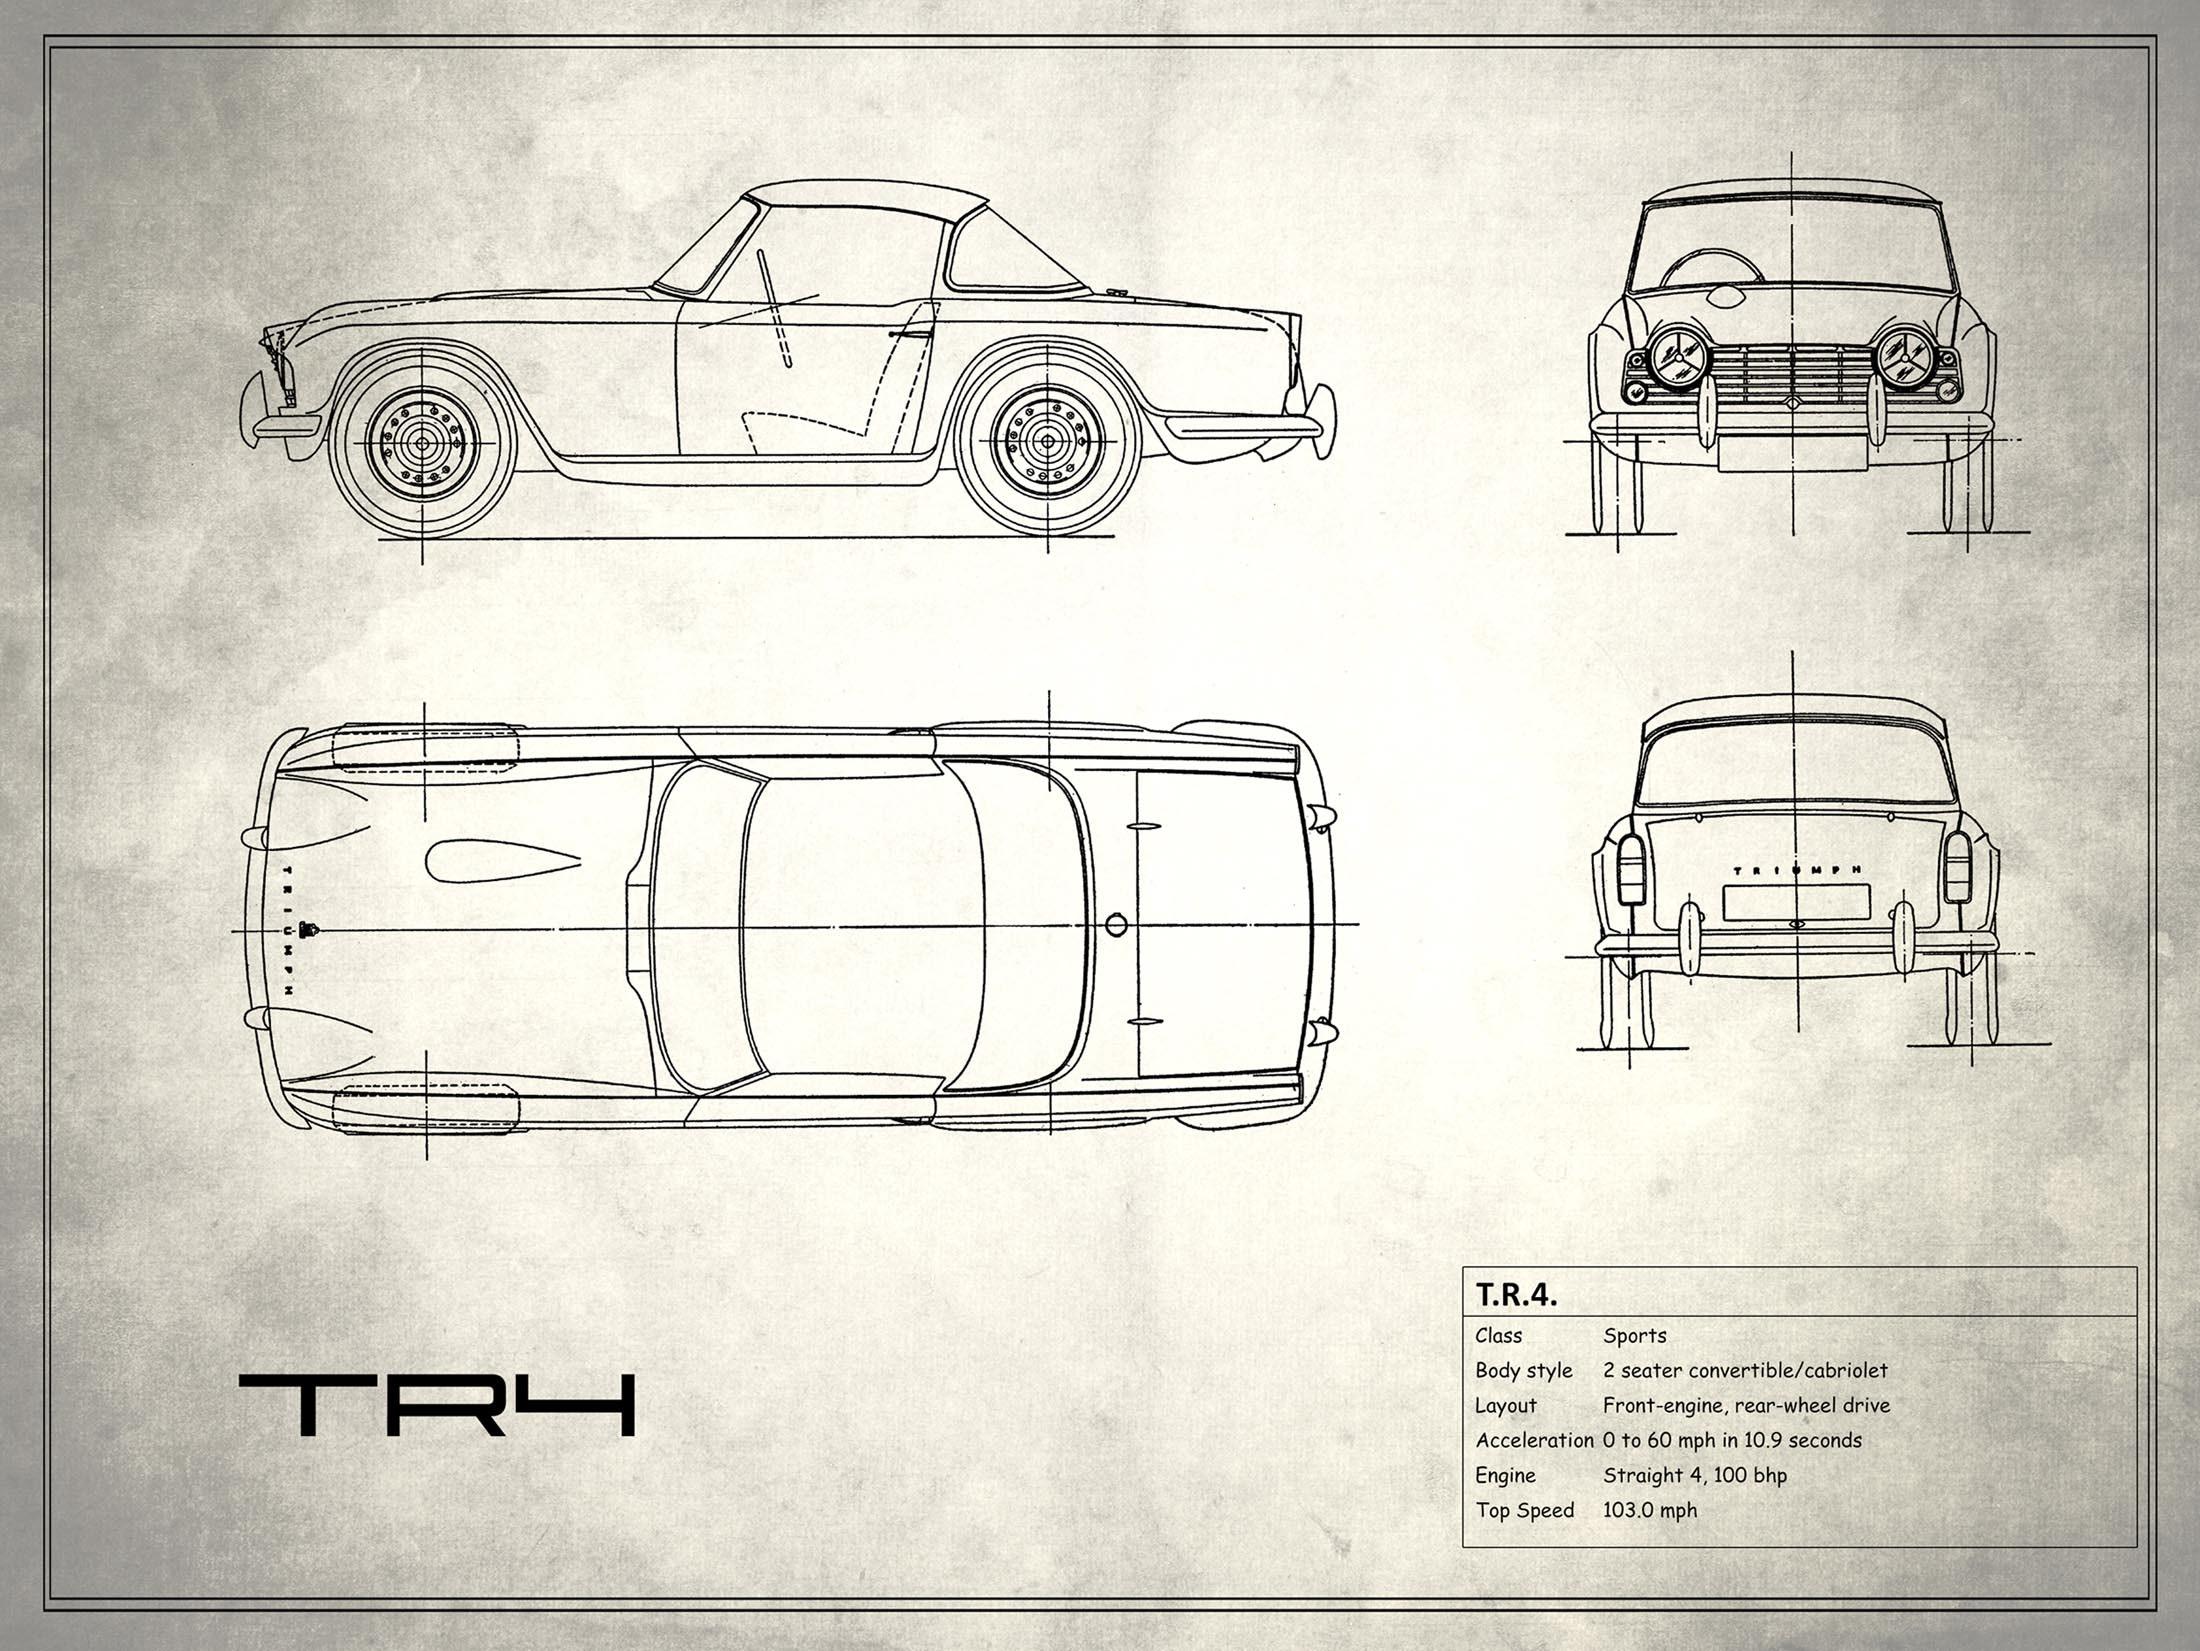 Triumph TR4 - White